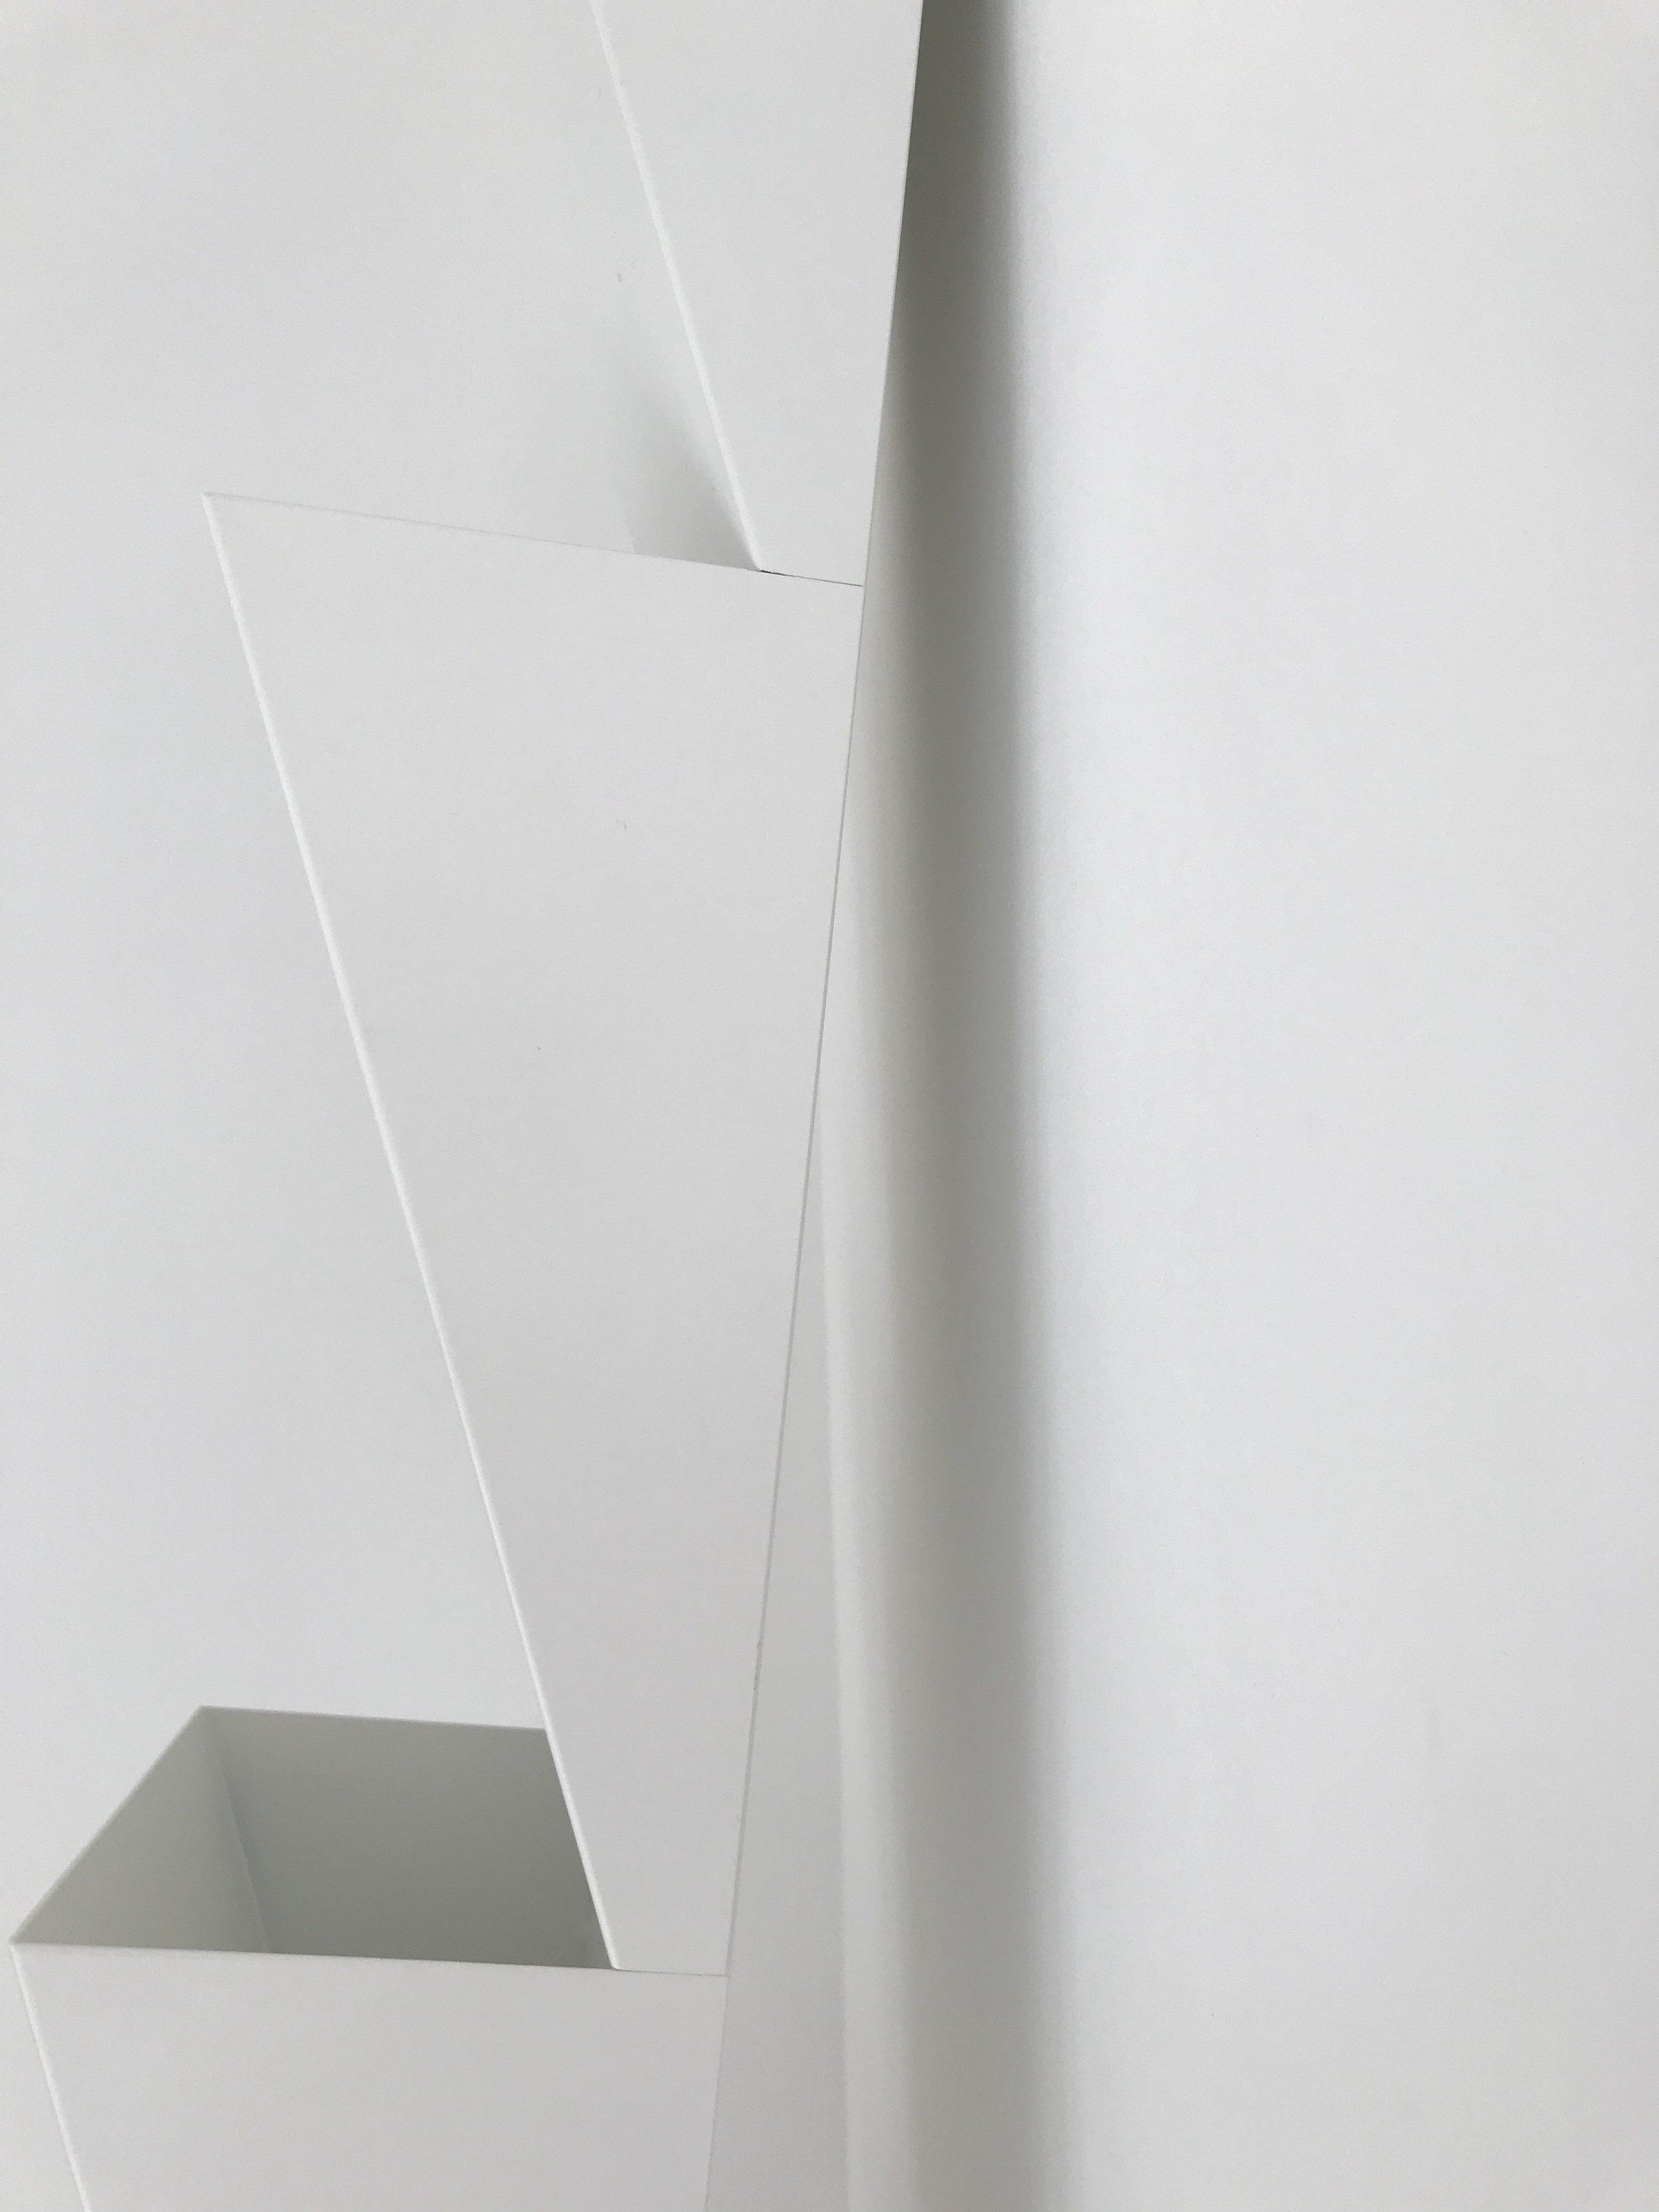 Morgwn Rimel Steps detail.JPG